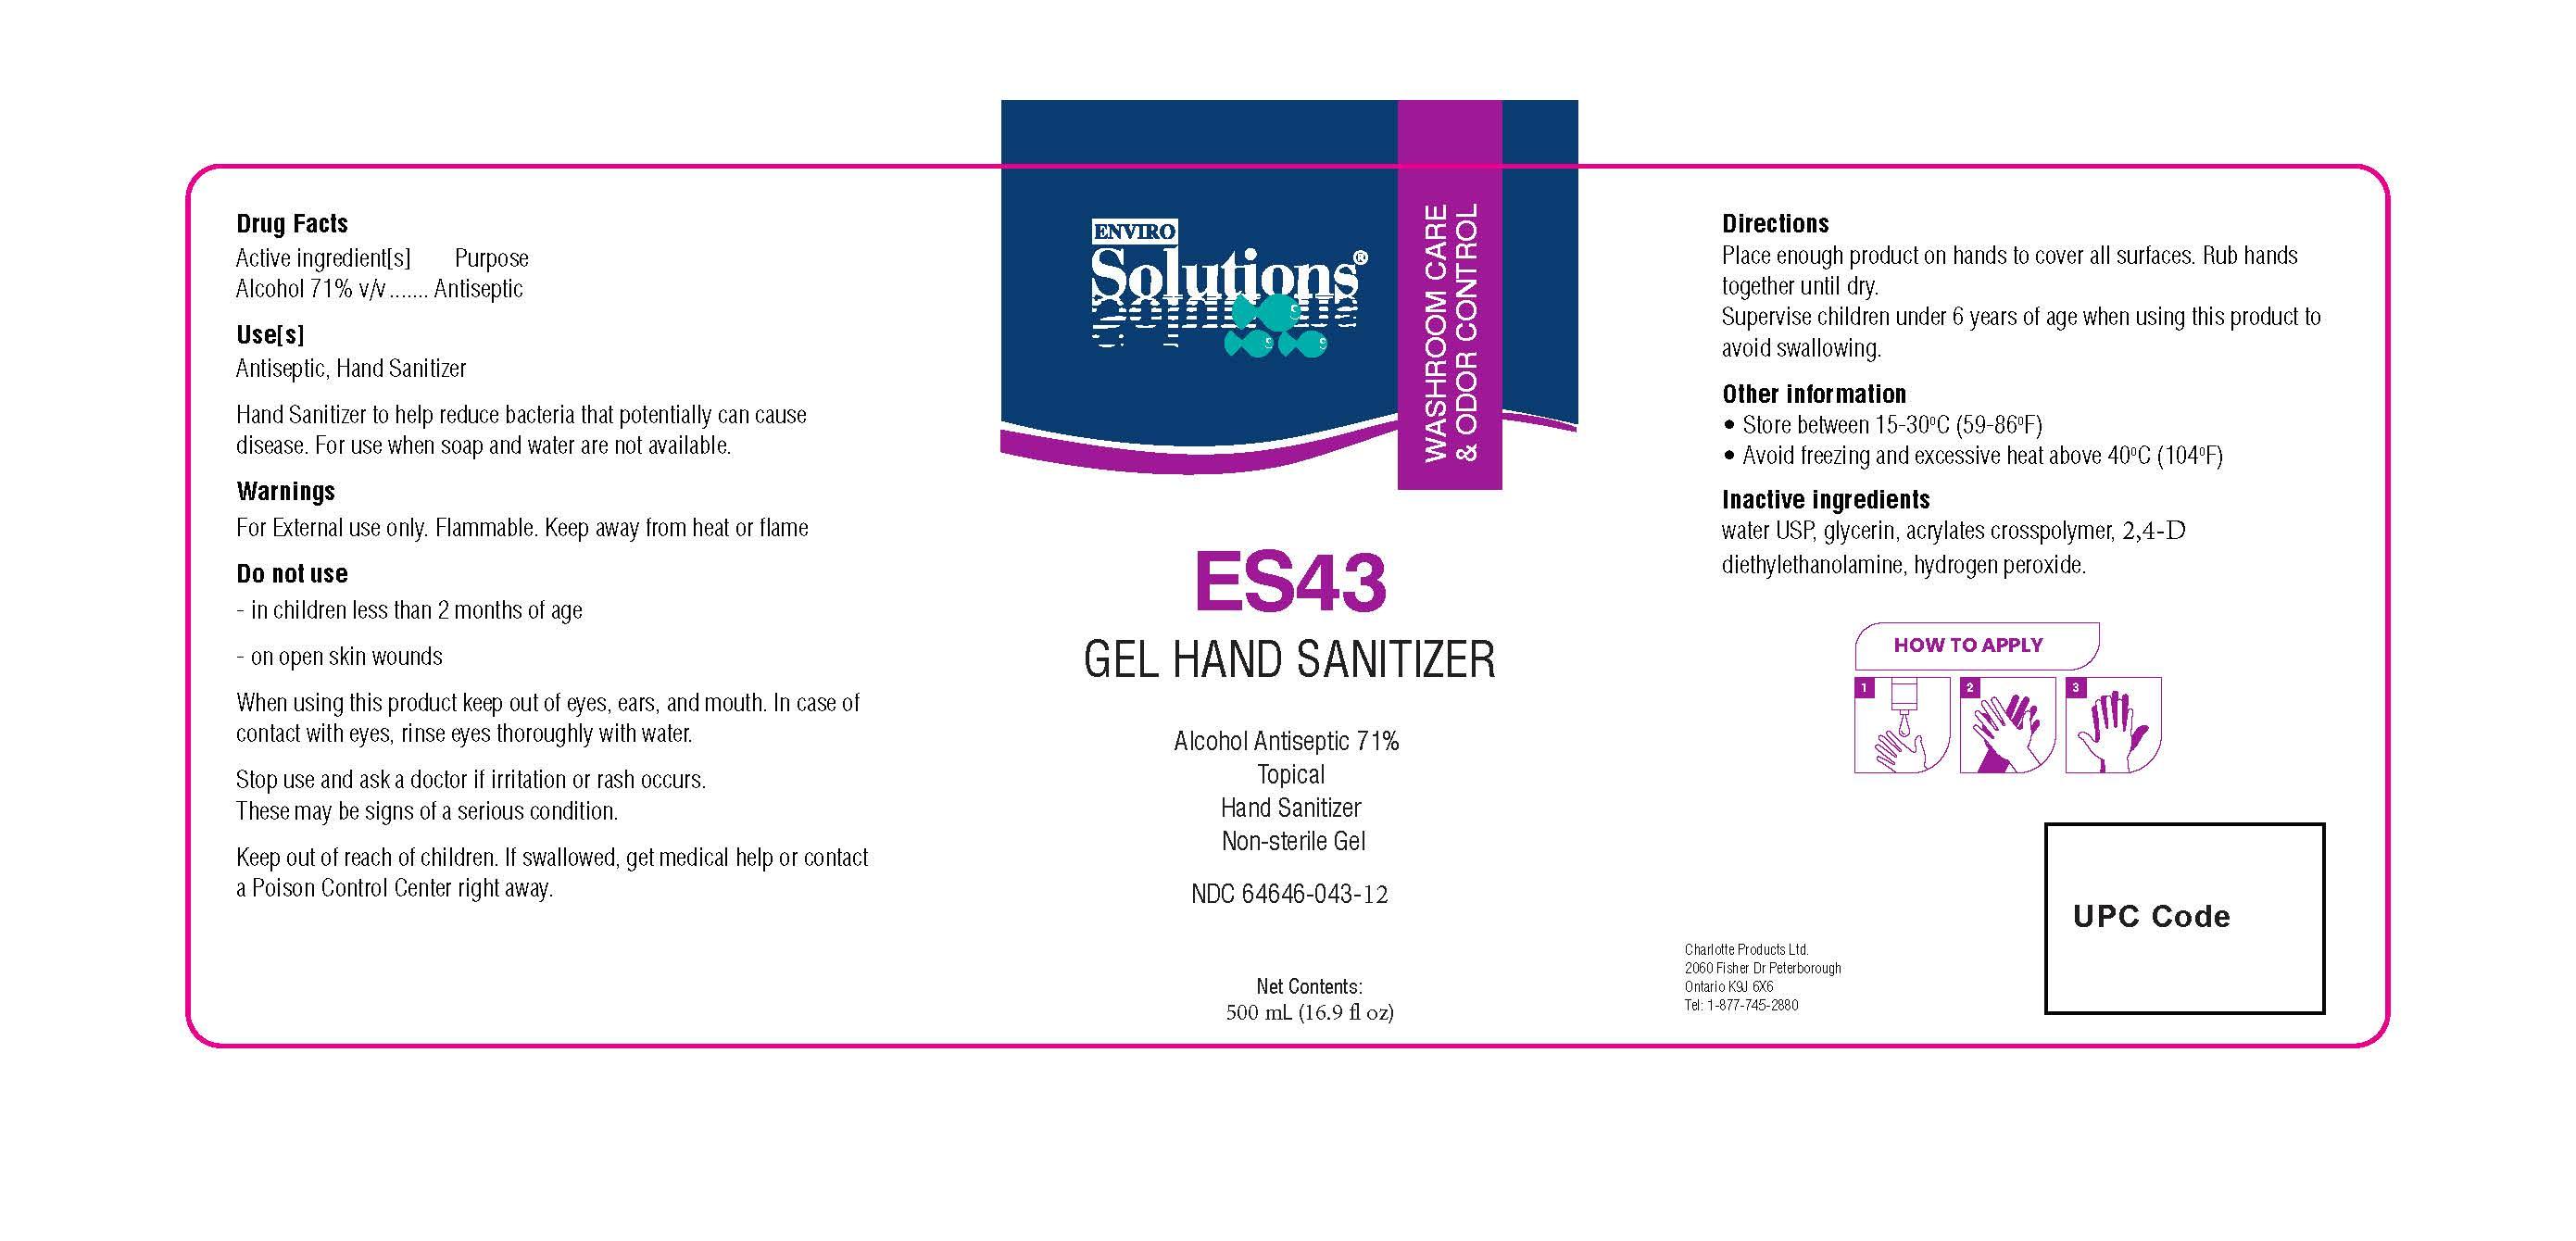 ES43 500 ml label